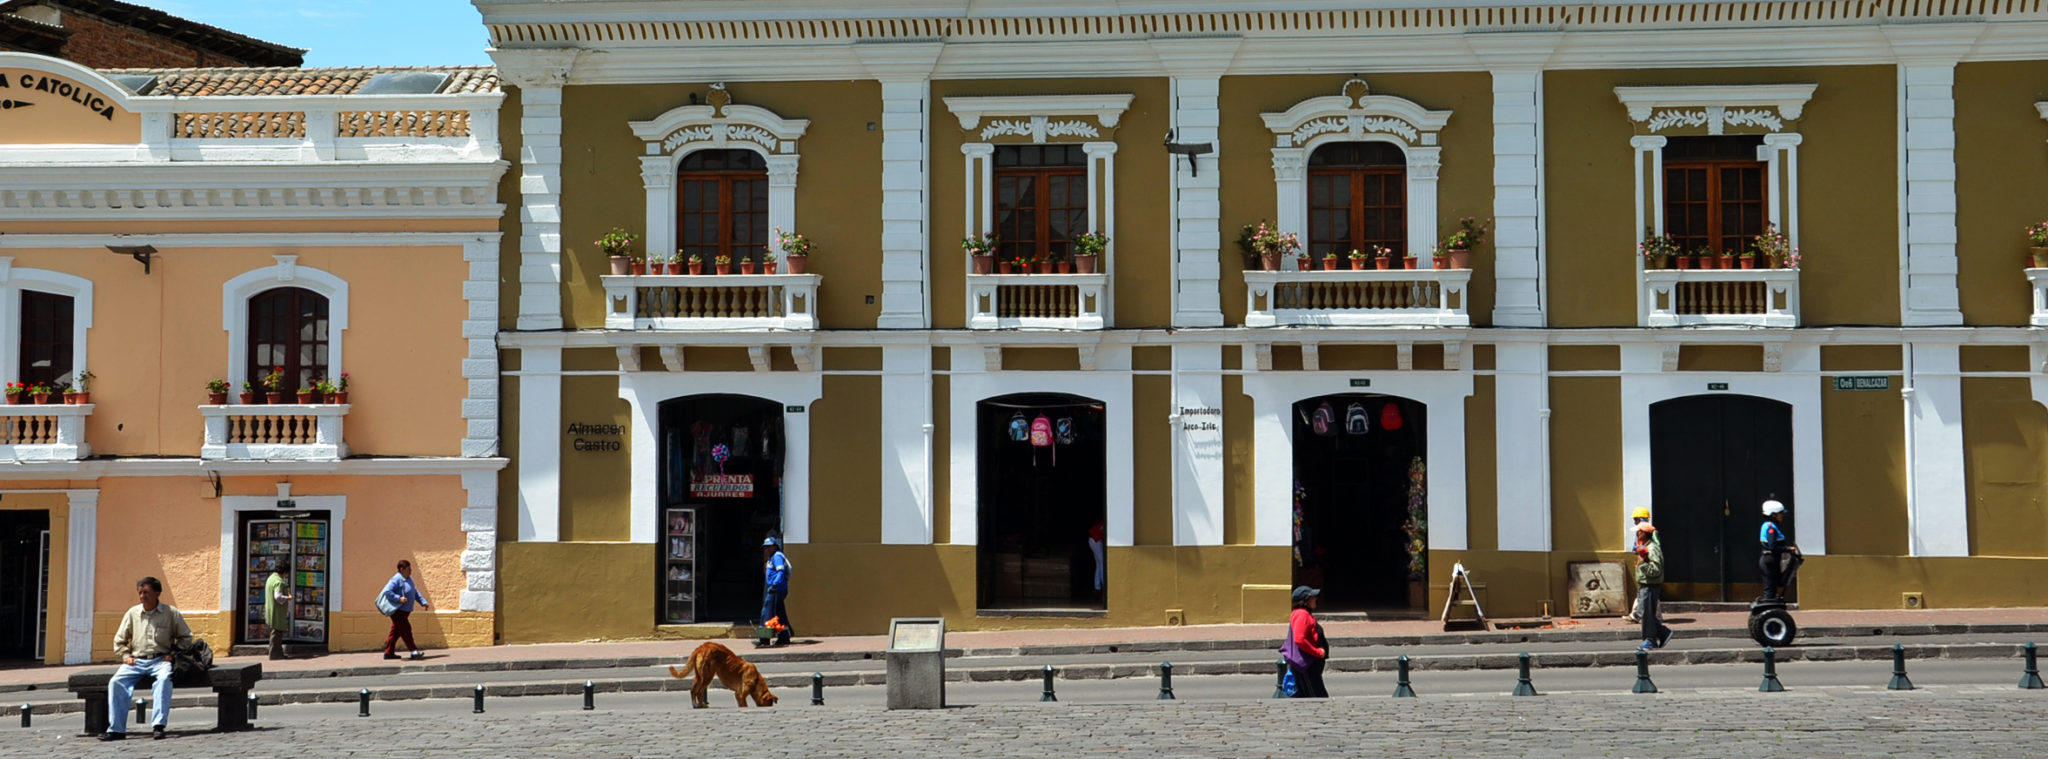 Sehenswuerdigkeiten-Ecuador-Quito-Haeuser-Slider